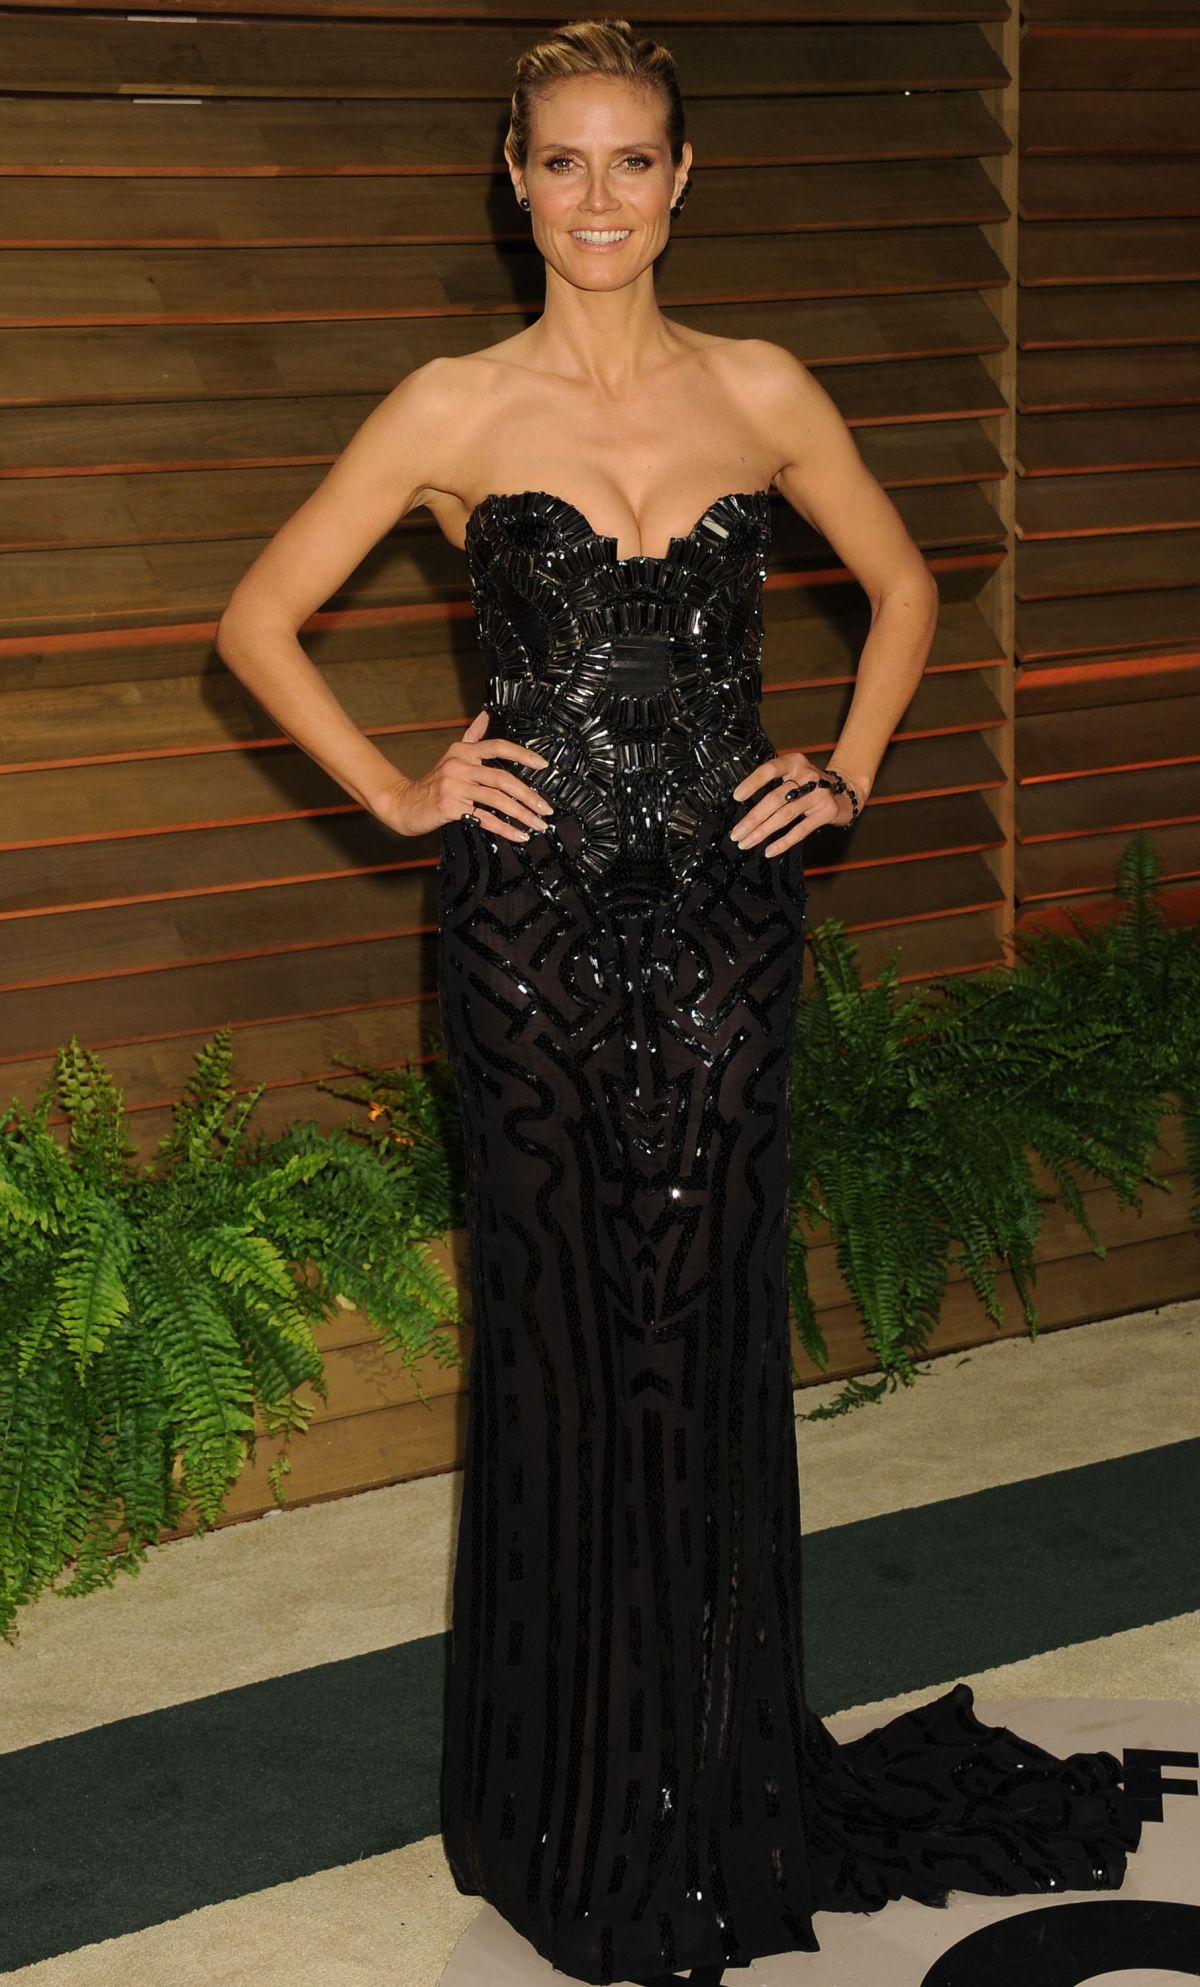 HEIDI KLUM at Vanity Fair Oscar Party in Hollywood